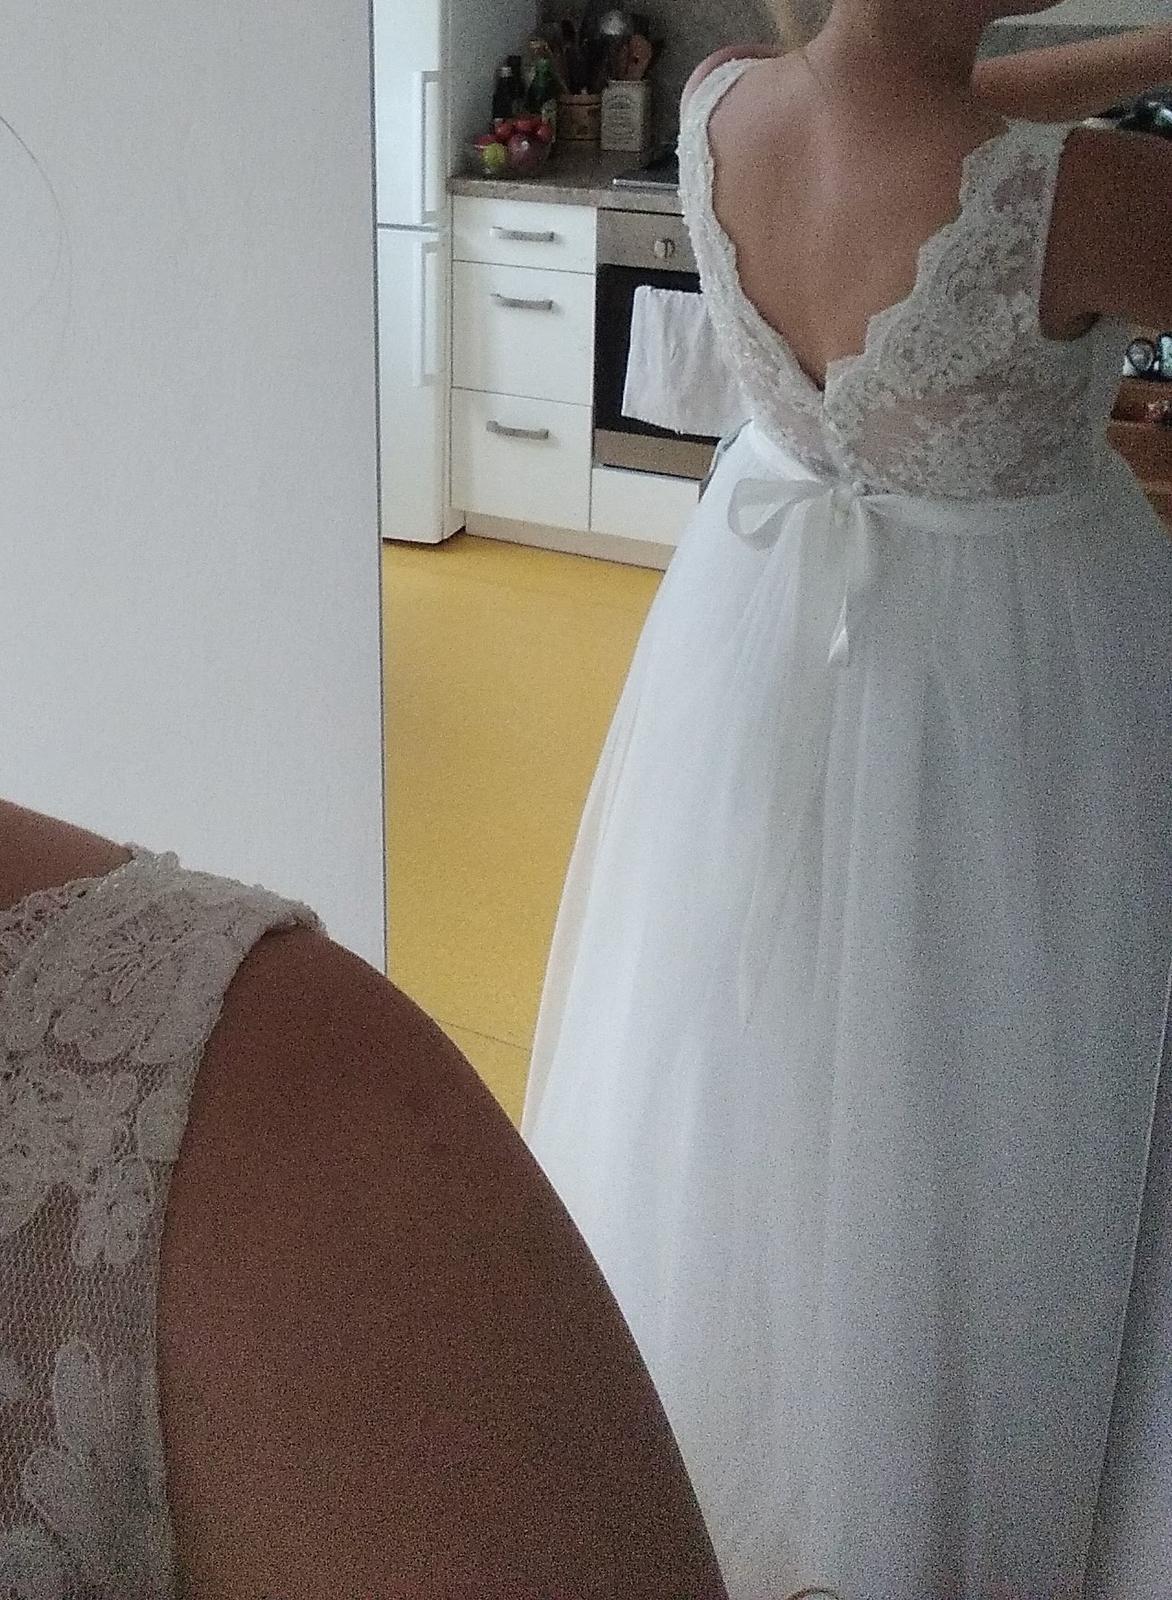 prodej svatebních šatů - nepoužité - Obrázek č. 4